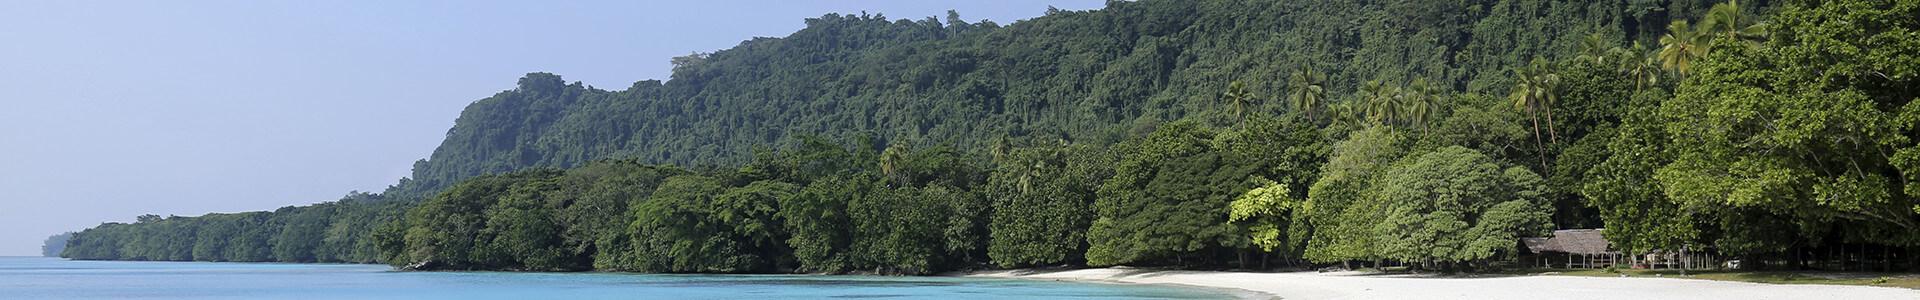 Voyage au Vanuatu - TUI